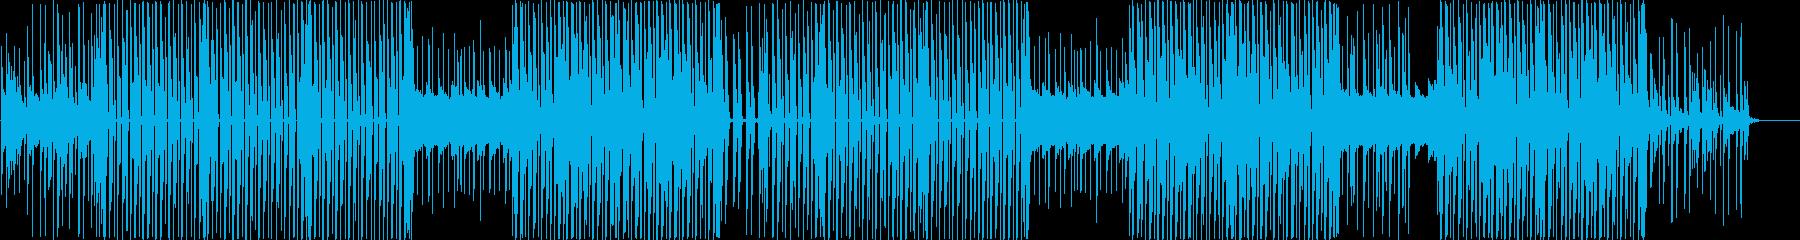 レゲトン、ラテン、ダンスホールトラック♪の再生済みの波形